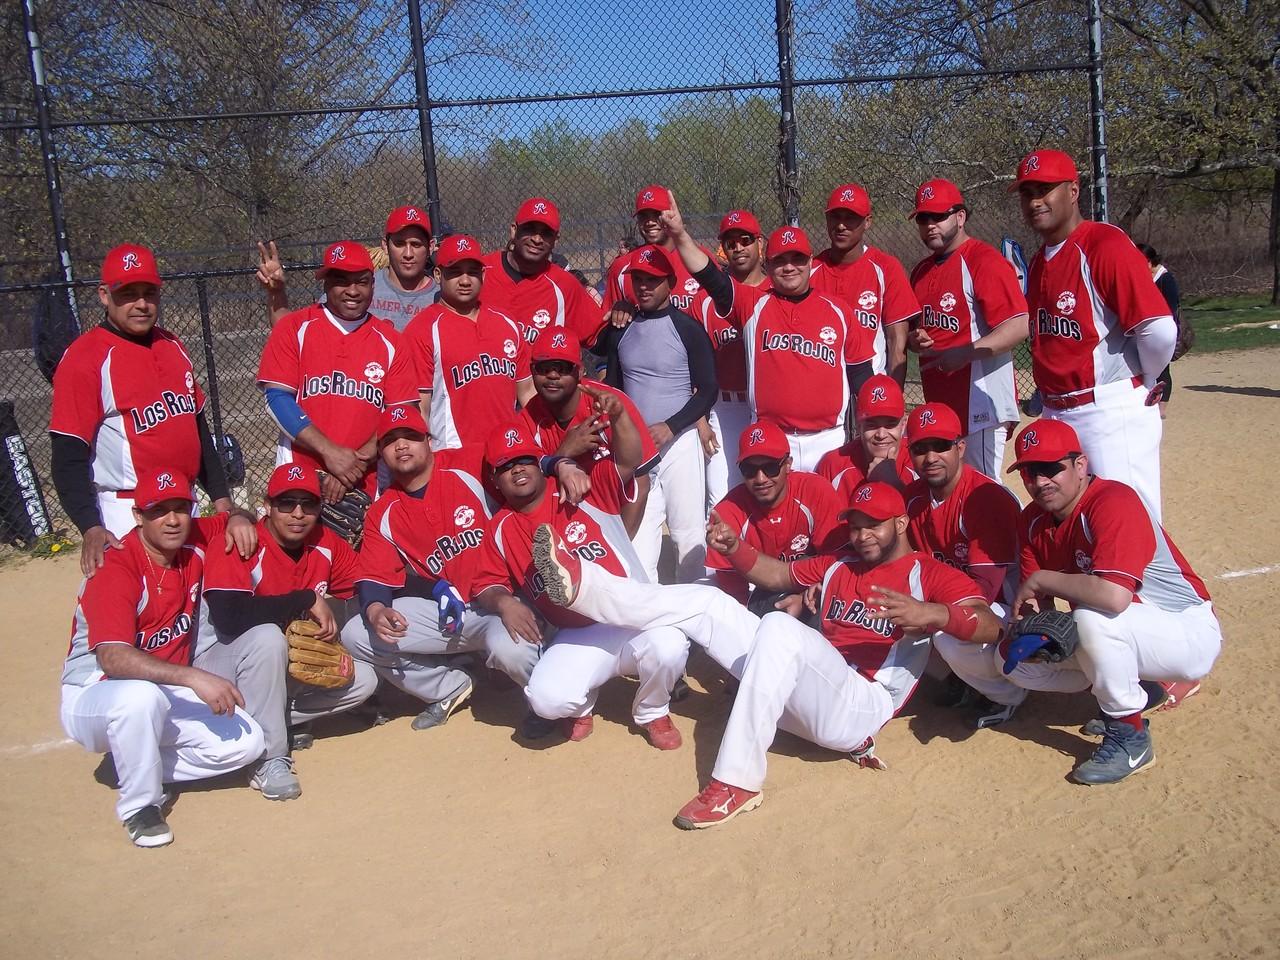 Equipo Los Rojos 2013